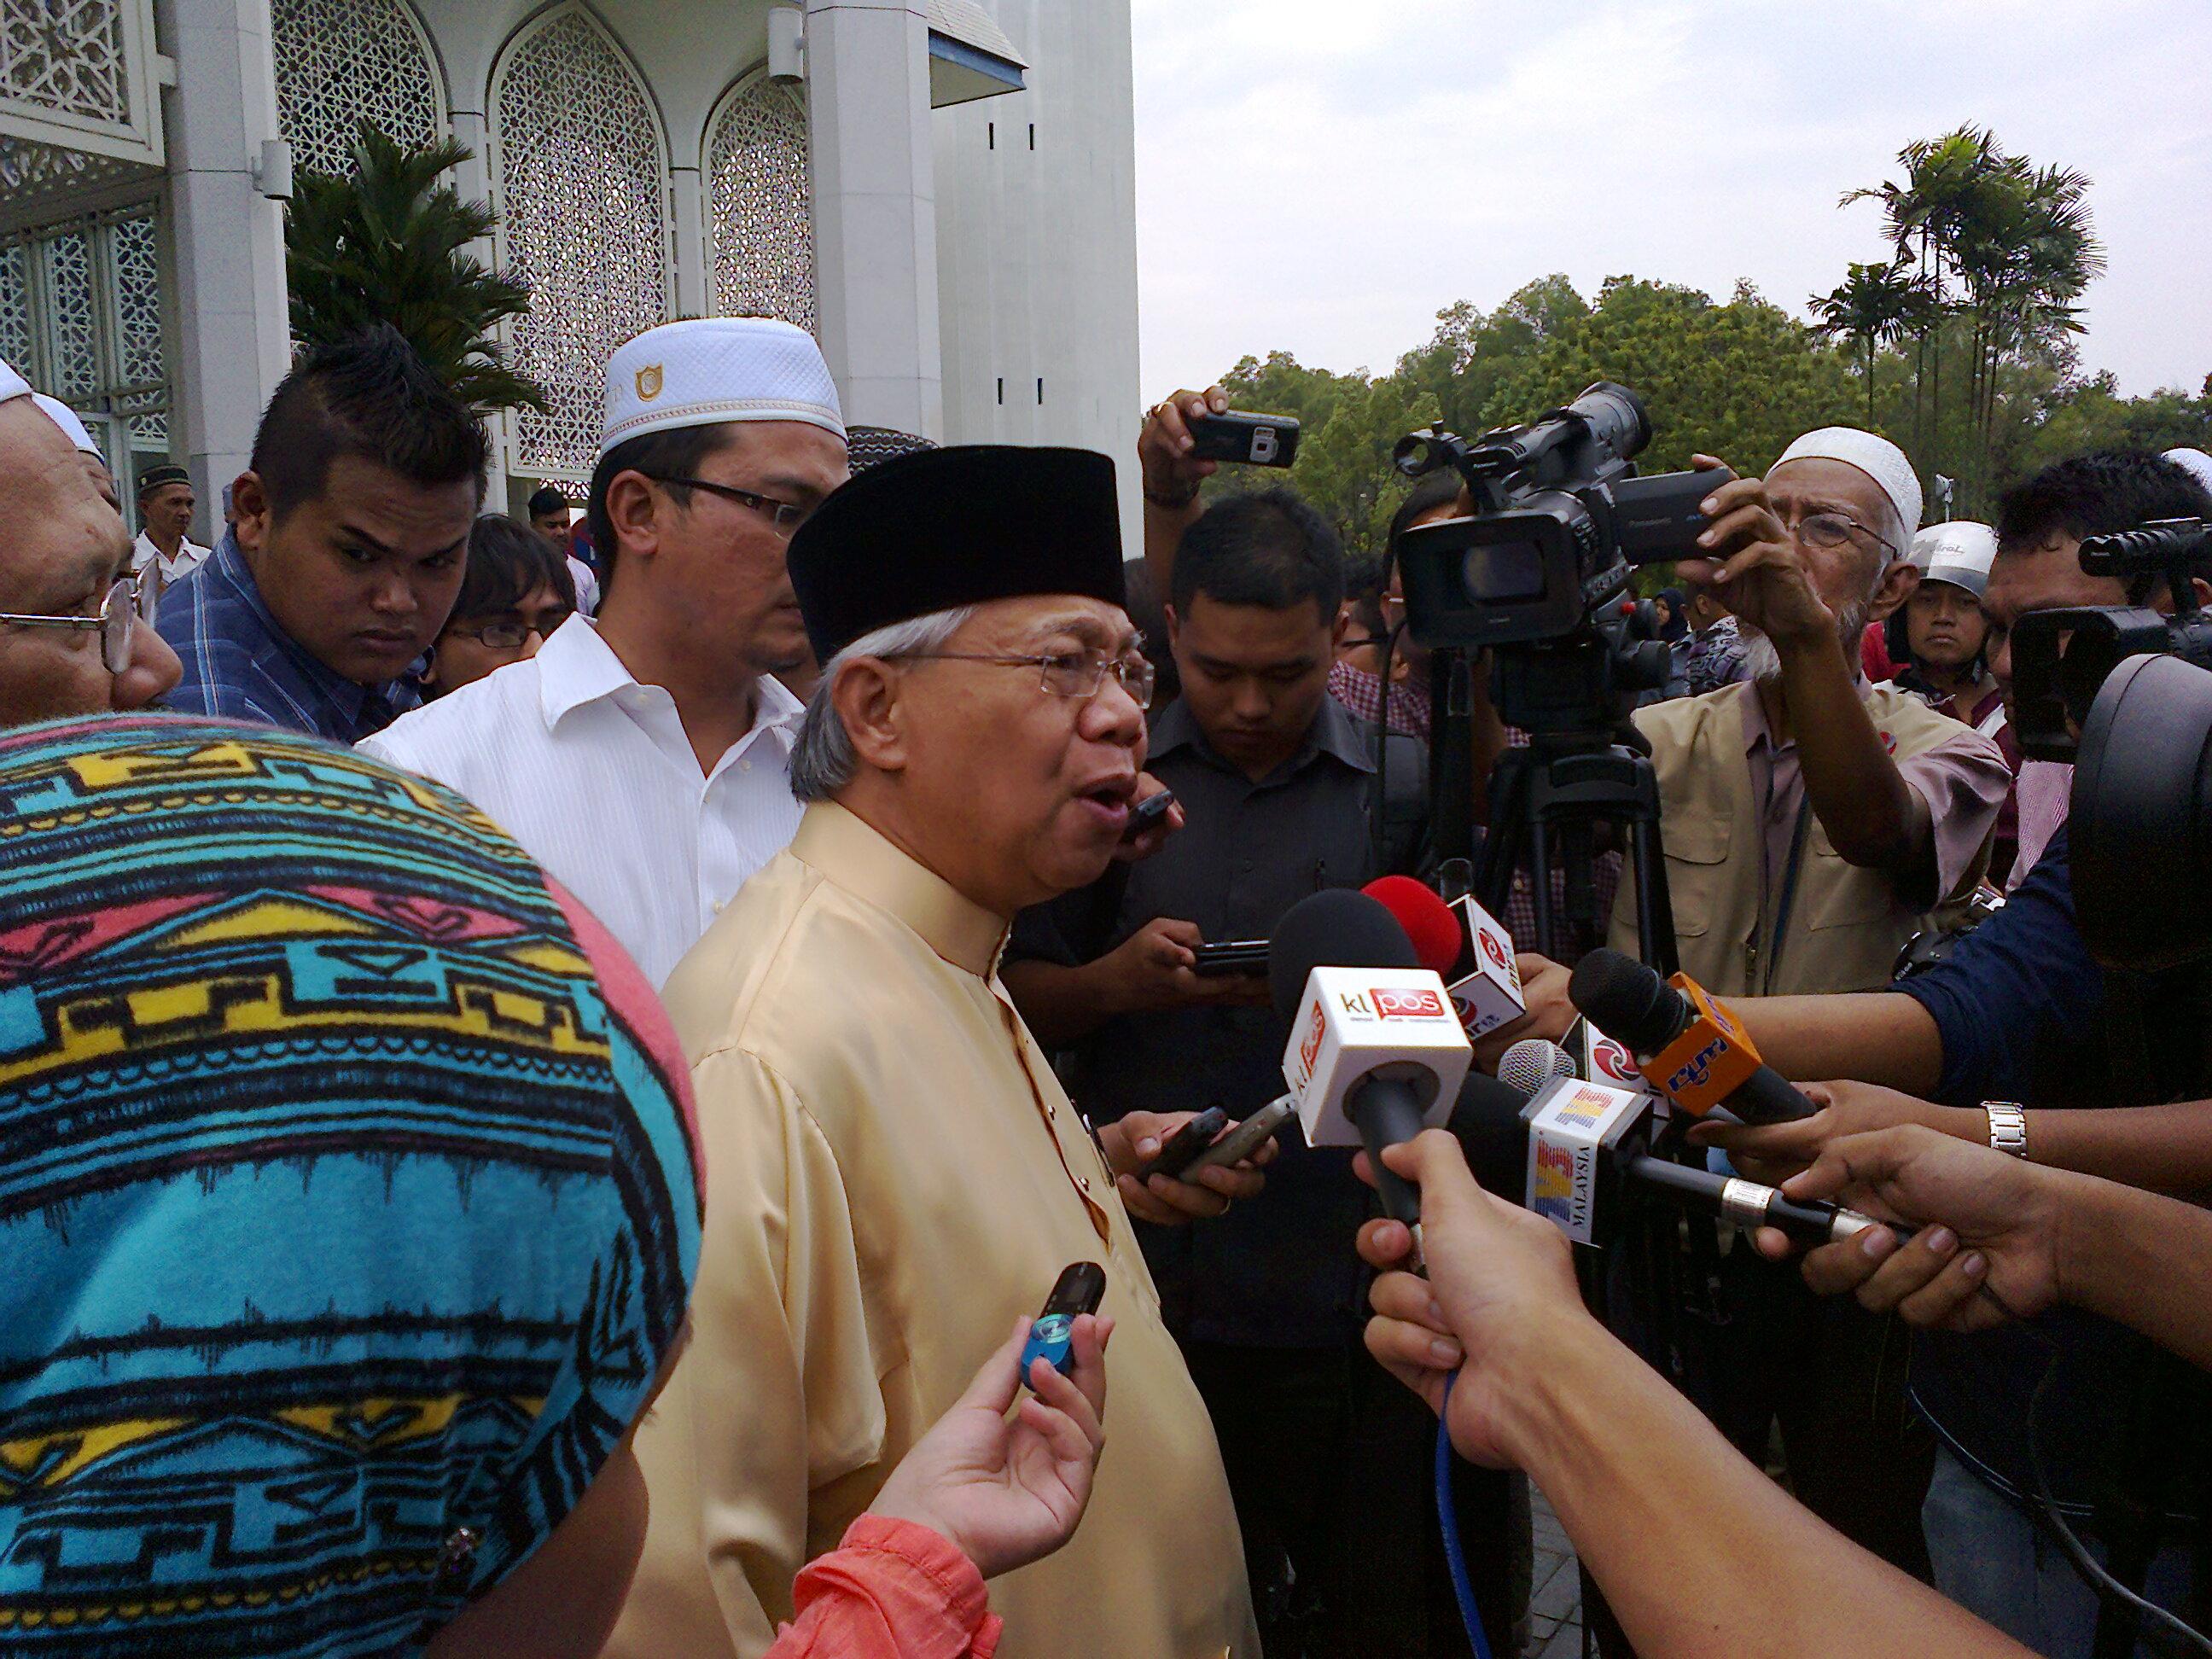 Hasan Mohamed Ali